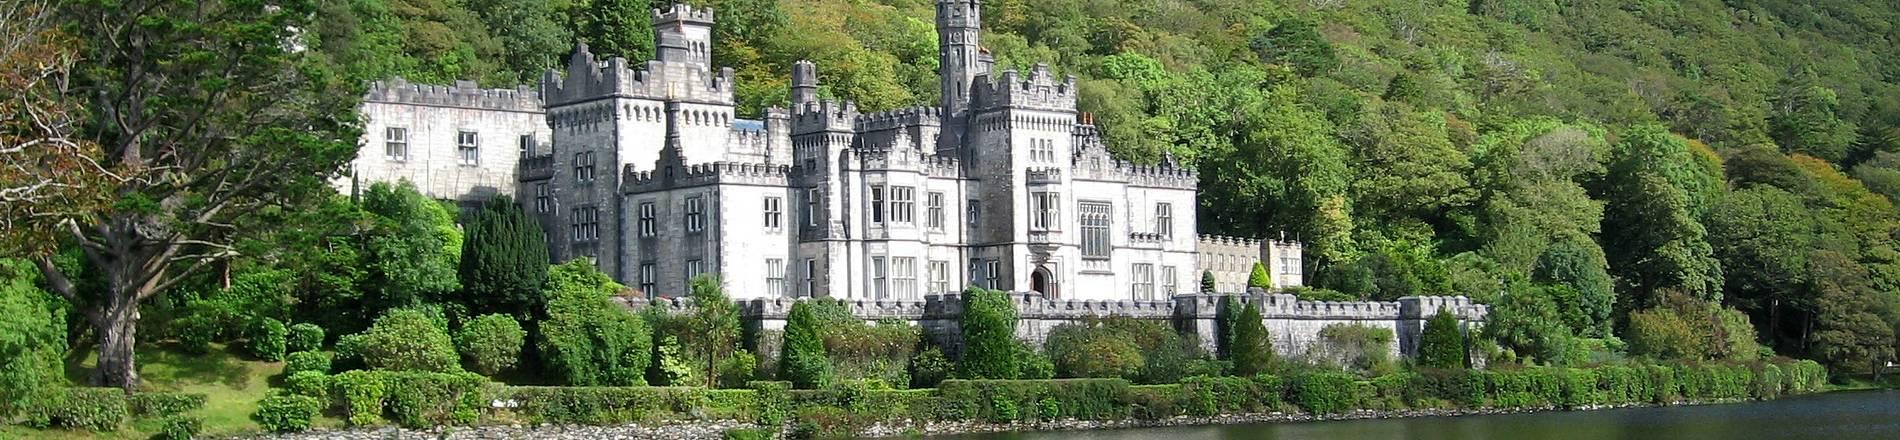 web stranice za upoznavanje Irske